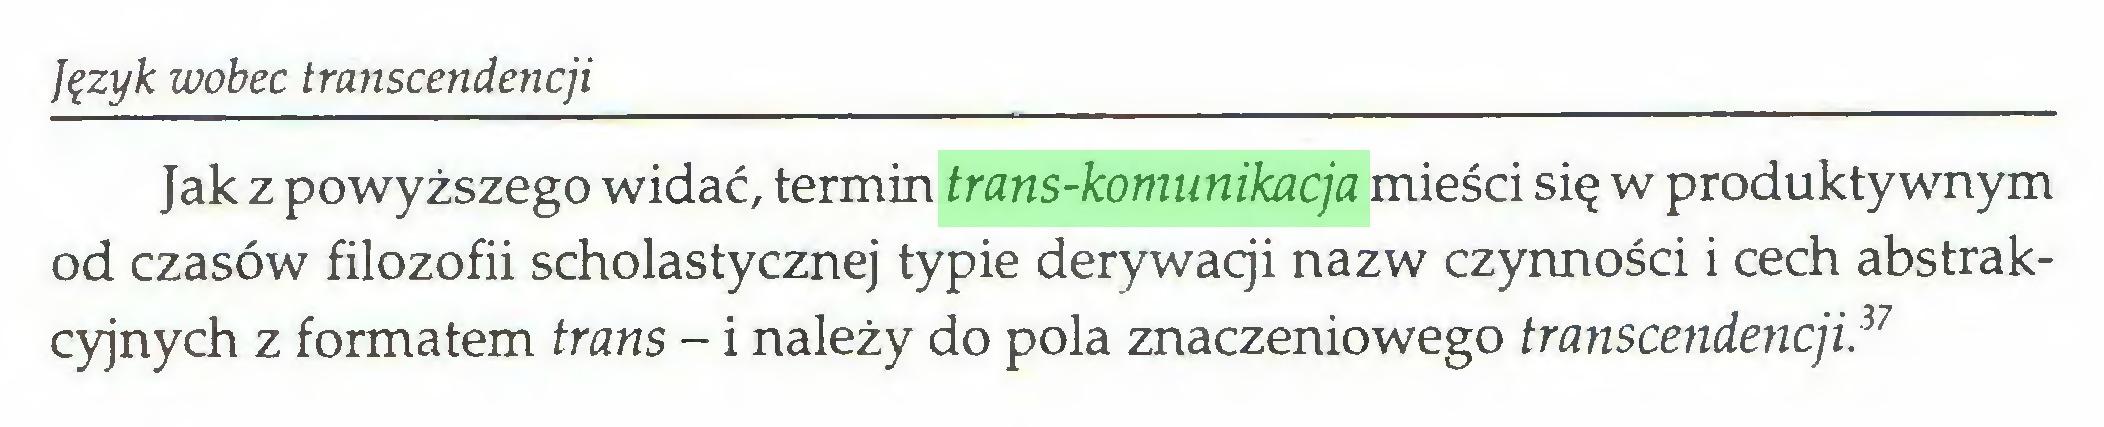 (...) Język wobec transcendencji Jak z powyższego widać, termin trans-komunikacja mieści się w produktywnym od czasów filozofii scholastycznej typie derywacji nazw czynności i cech abstrakcyjnych z formatem trans - i należy do pola znaczeniowego transcendencji.3'...